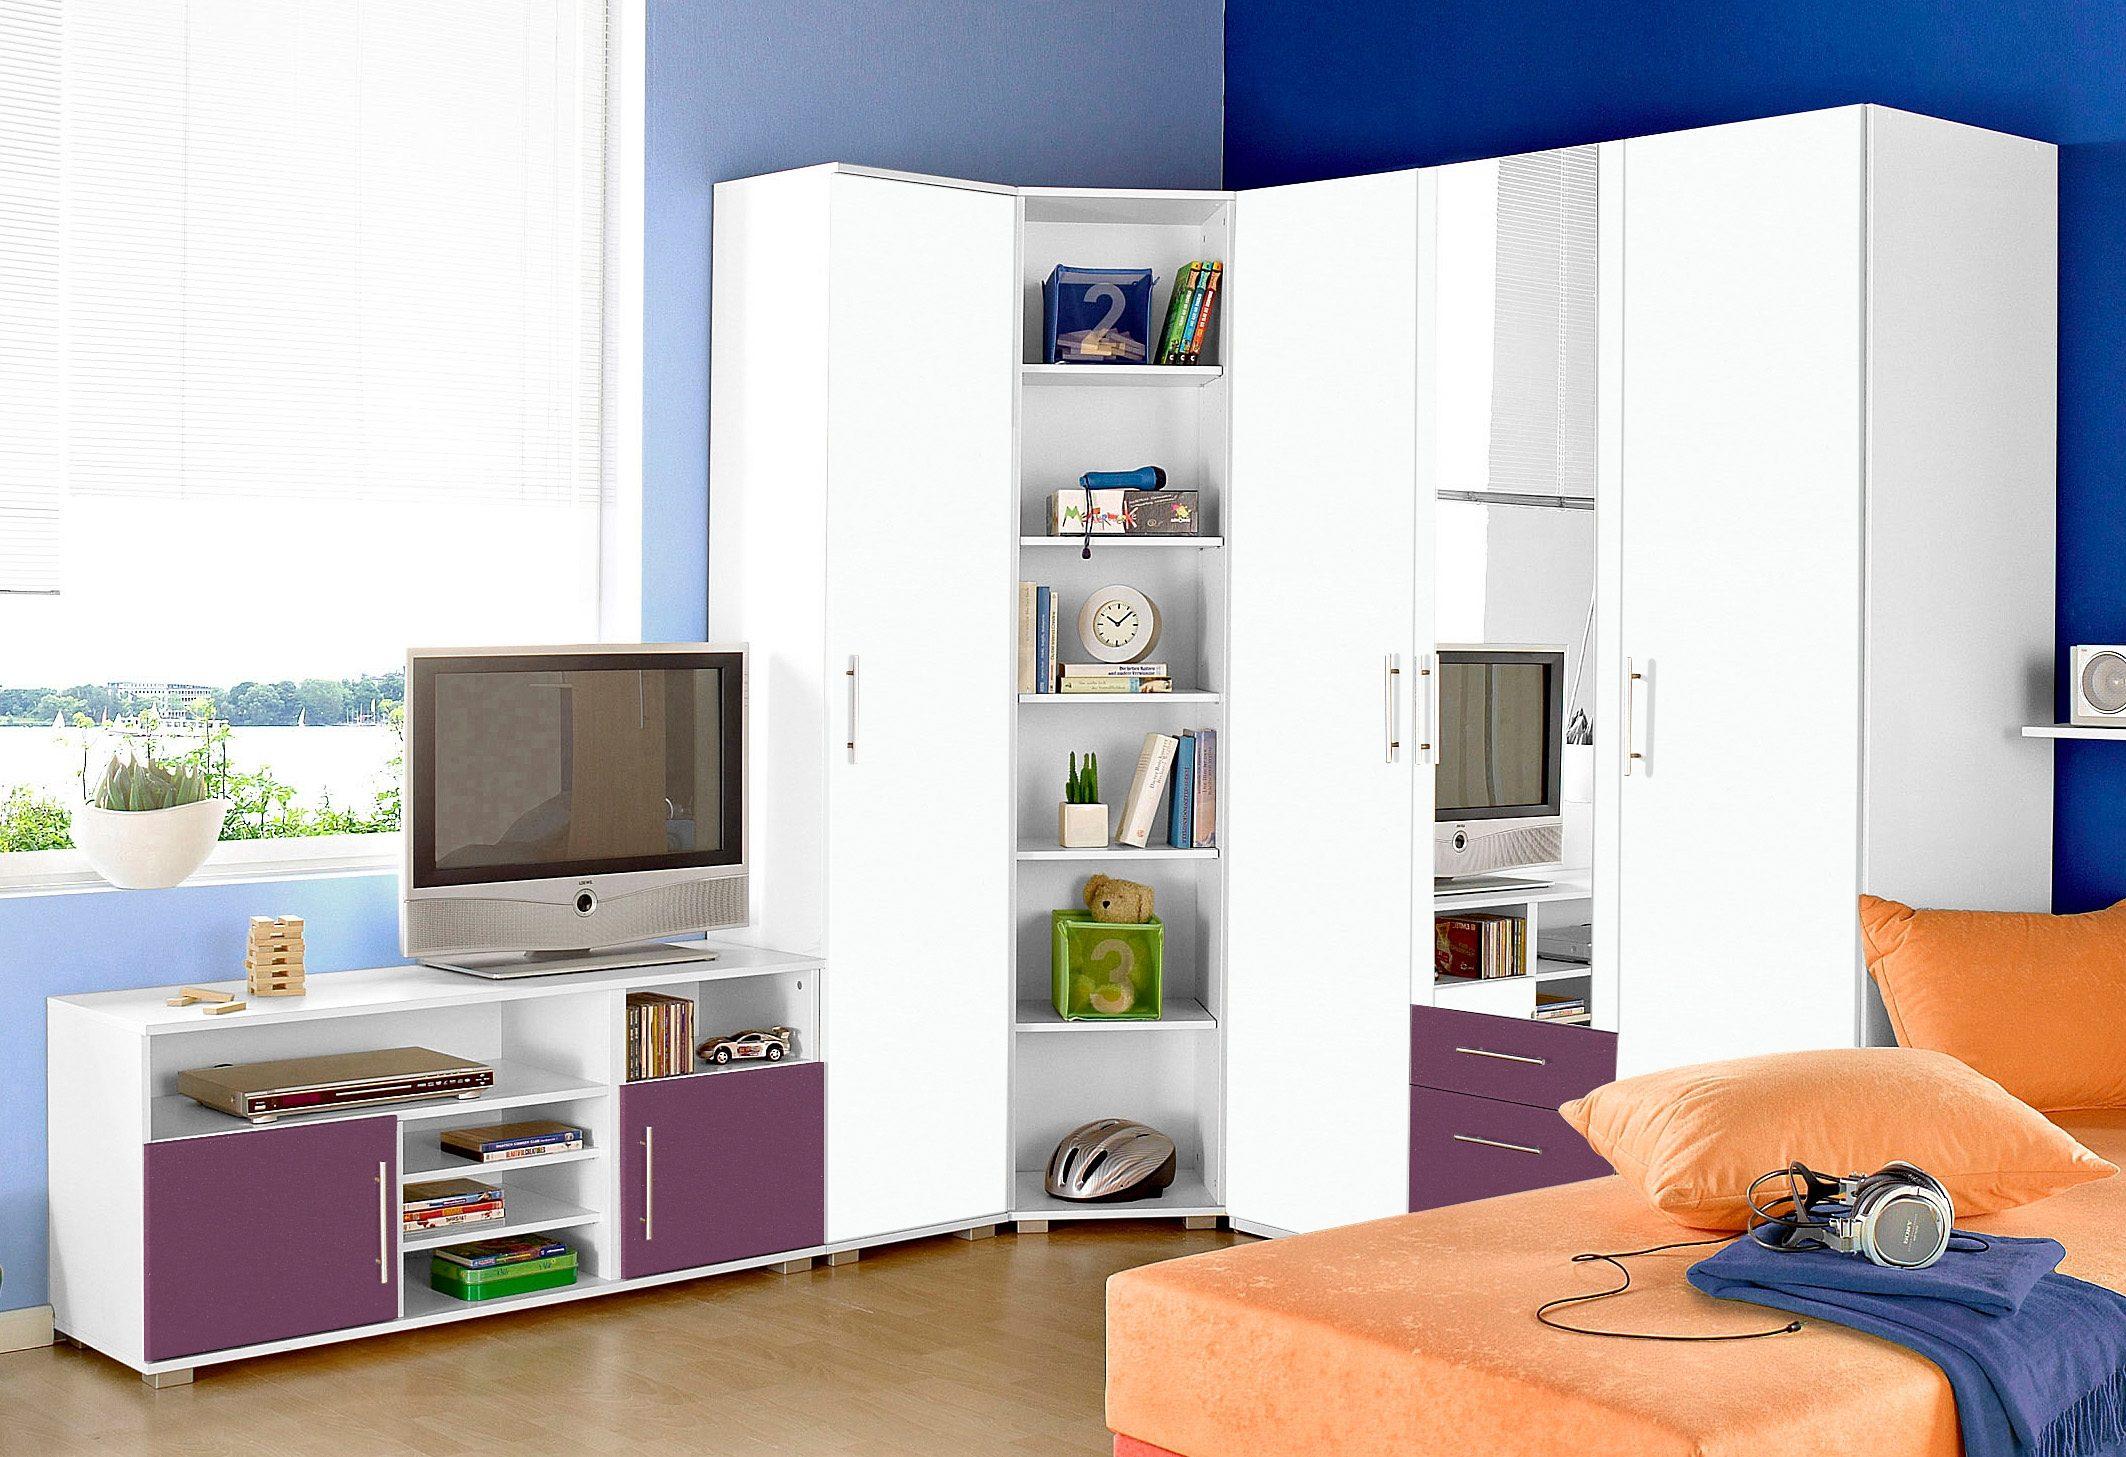 Jugendzimmer set 5 tlg kaufen baur for Jugendzimmer set